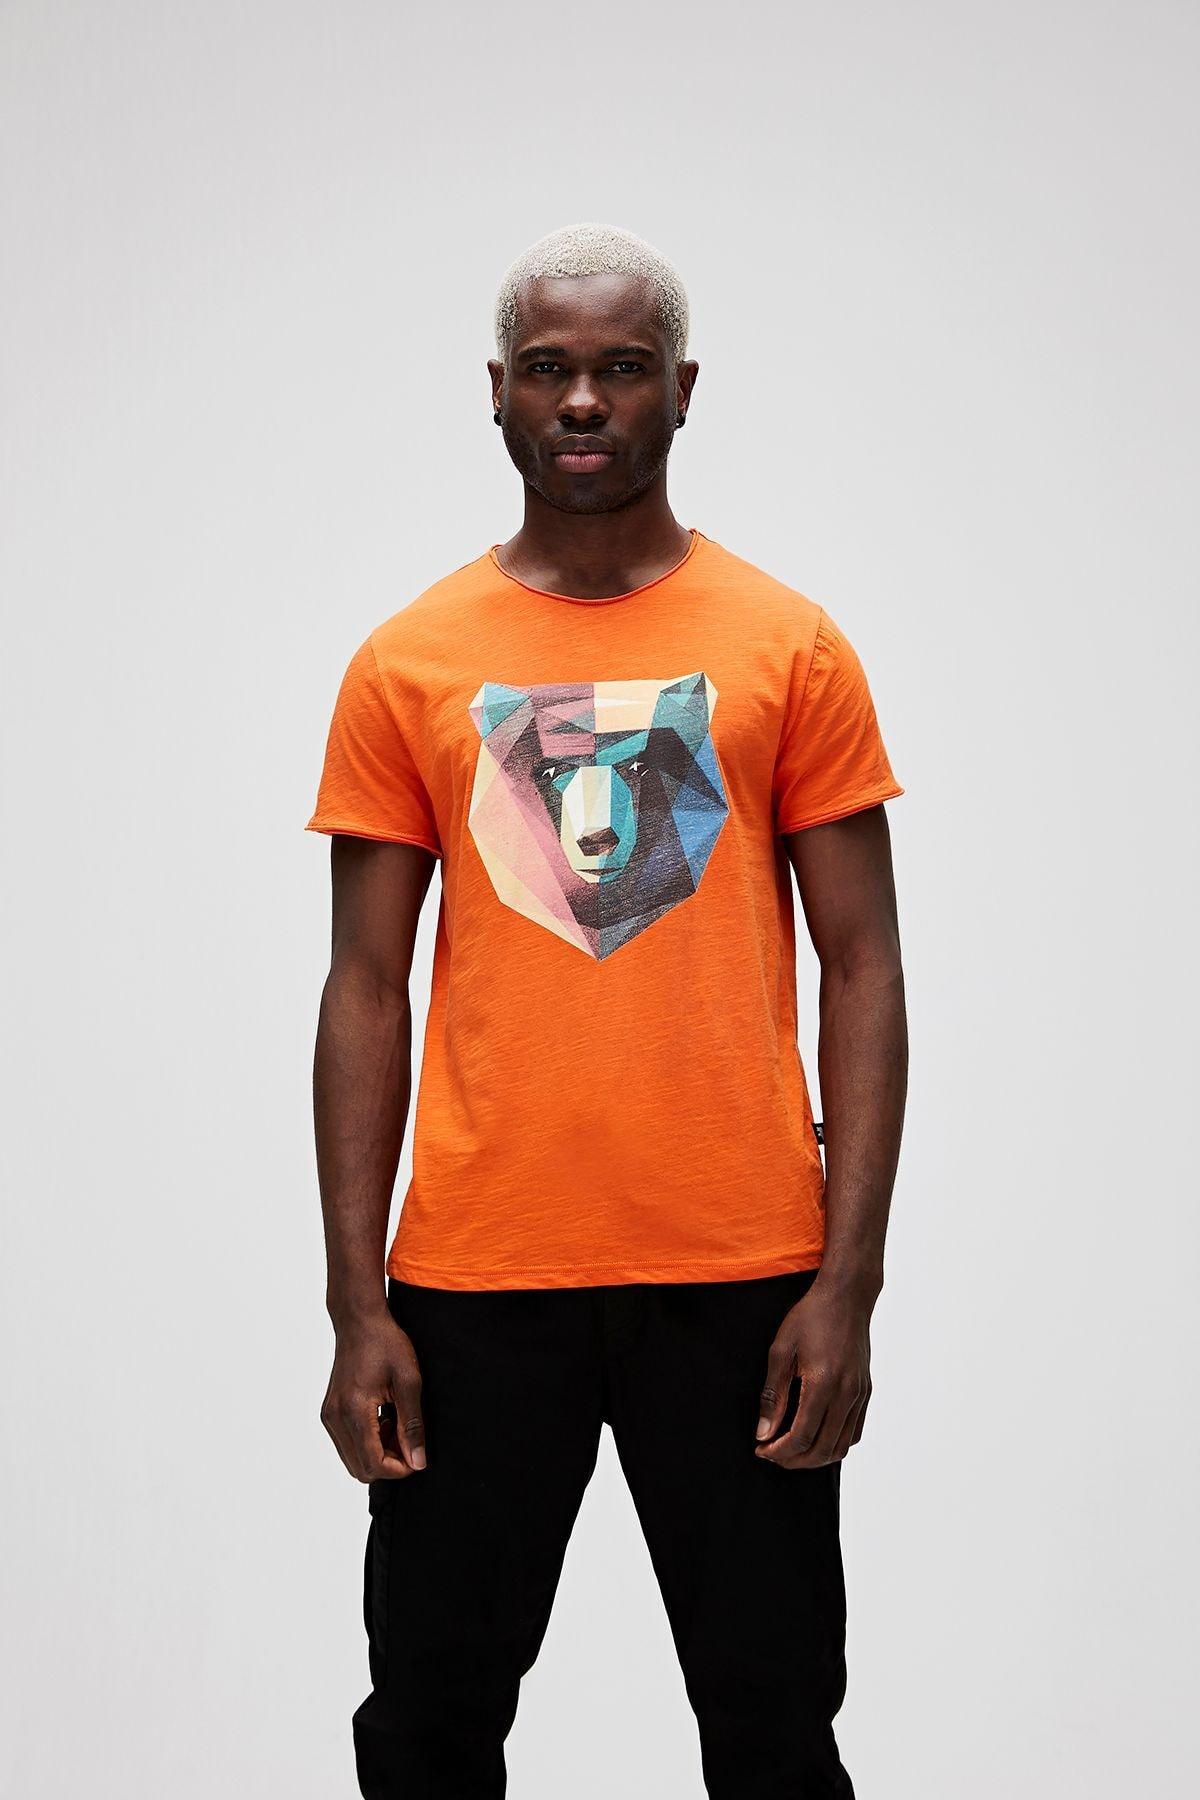 Bad Bear Erkek Baskılı Tişört 21.01.07.042 1